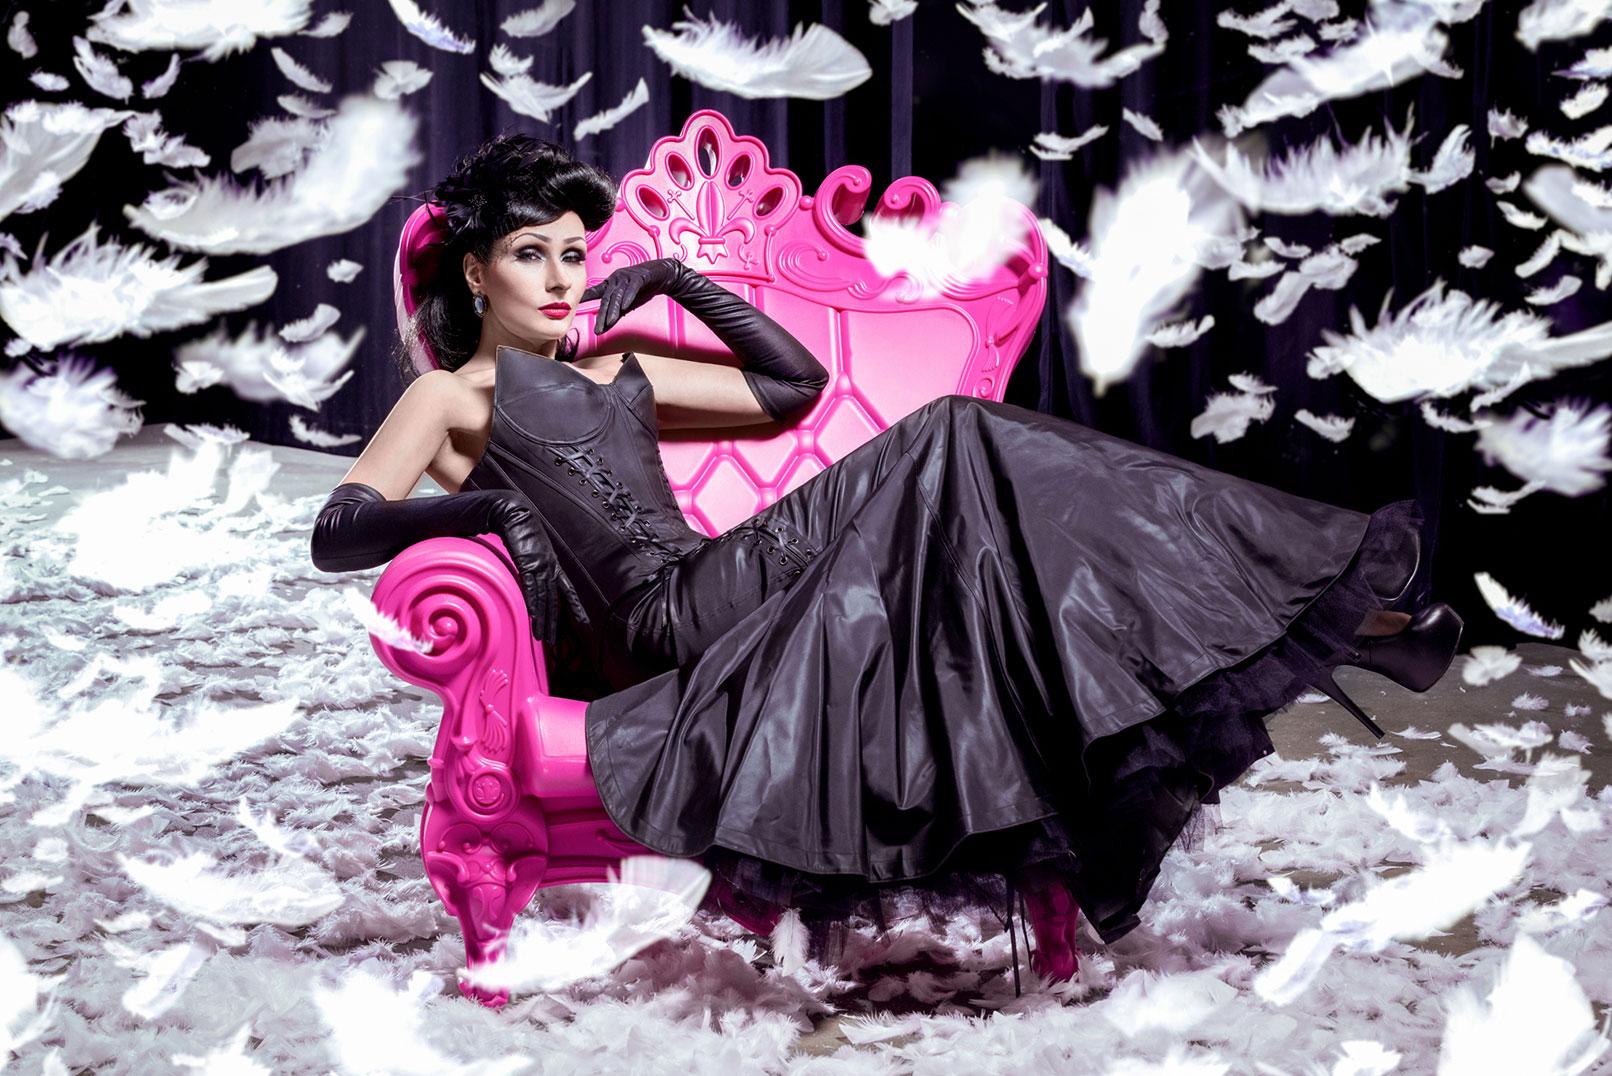 Beispiel zur Beauty-Retusche in Photoshop: Frau auf einem rosa Stuhl, umgeben von fallenden Federn